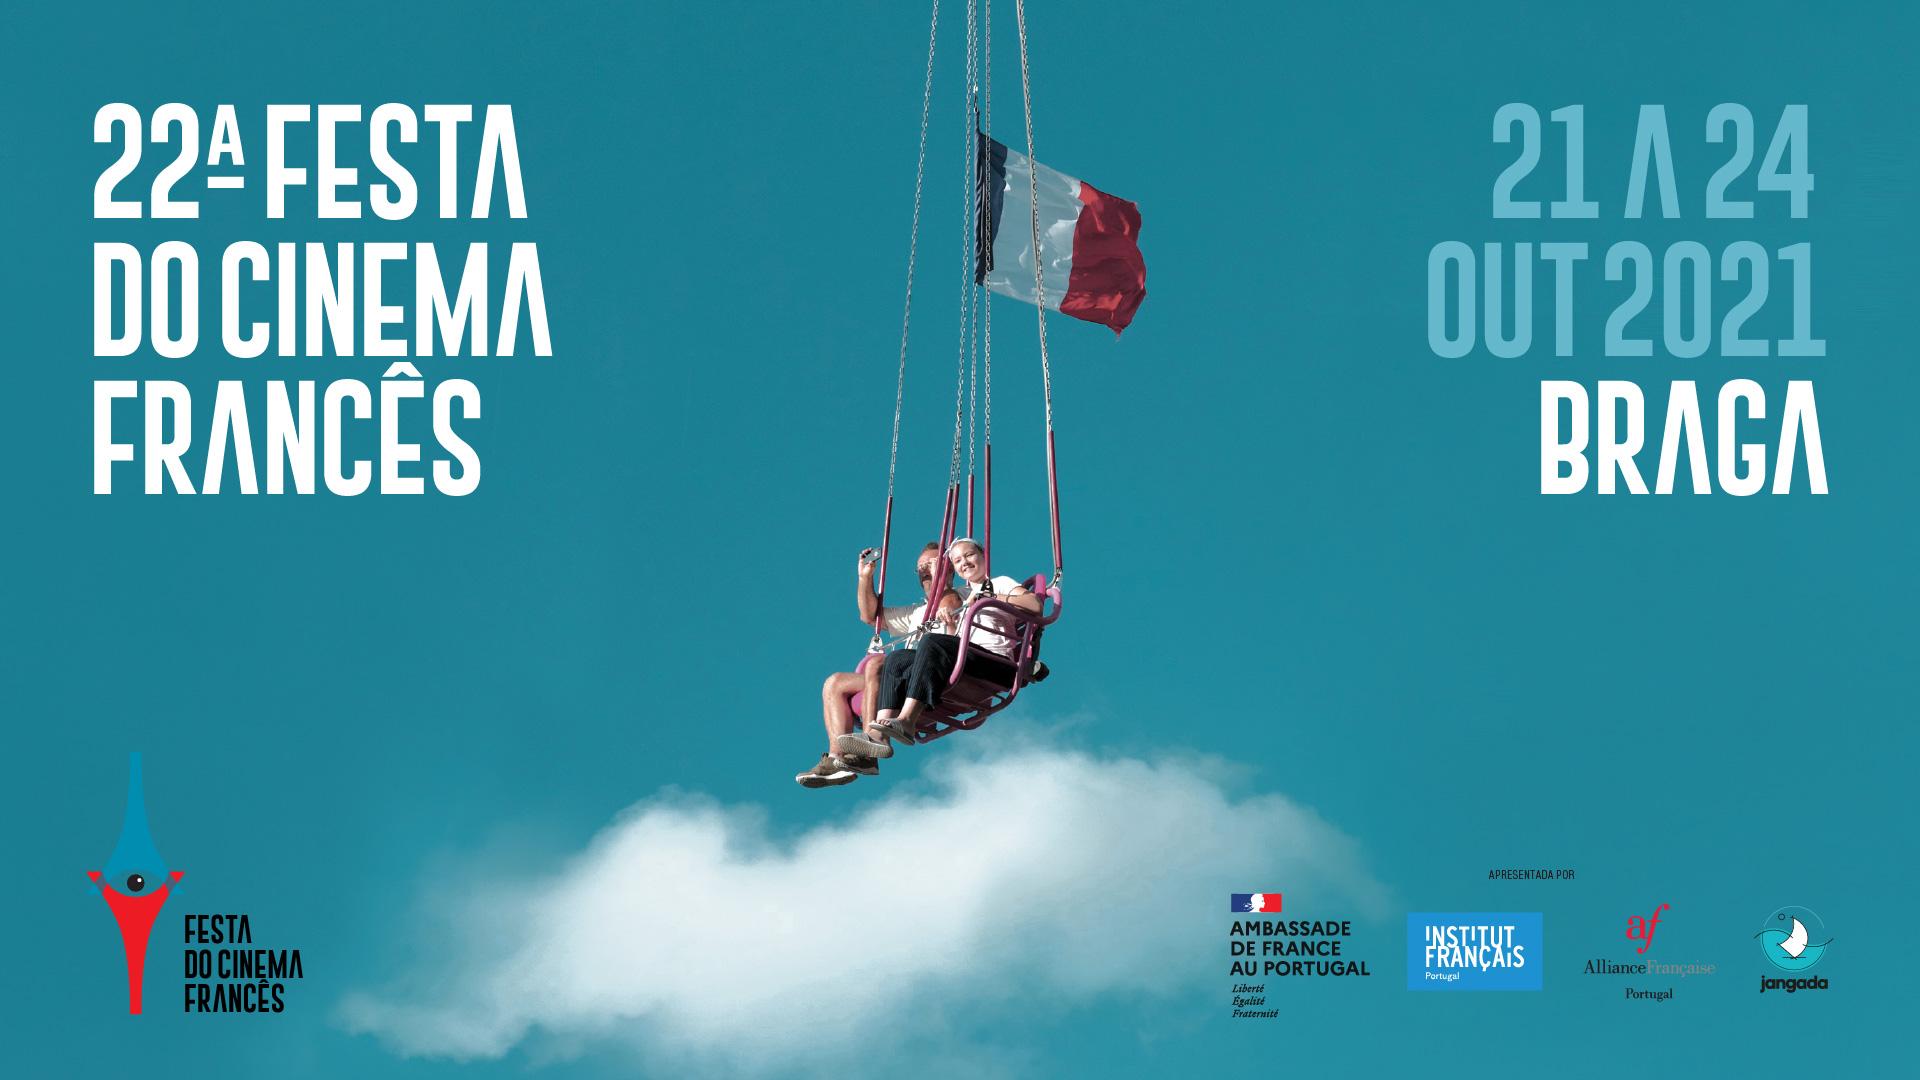 22ª Festa do Cinema Francês . Braga